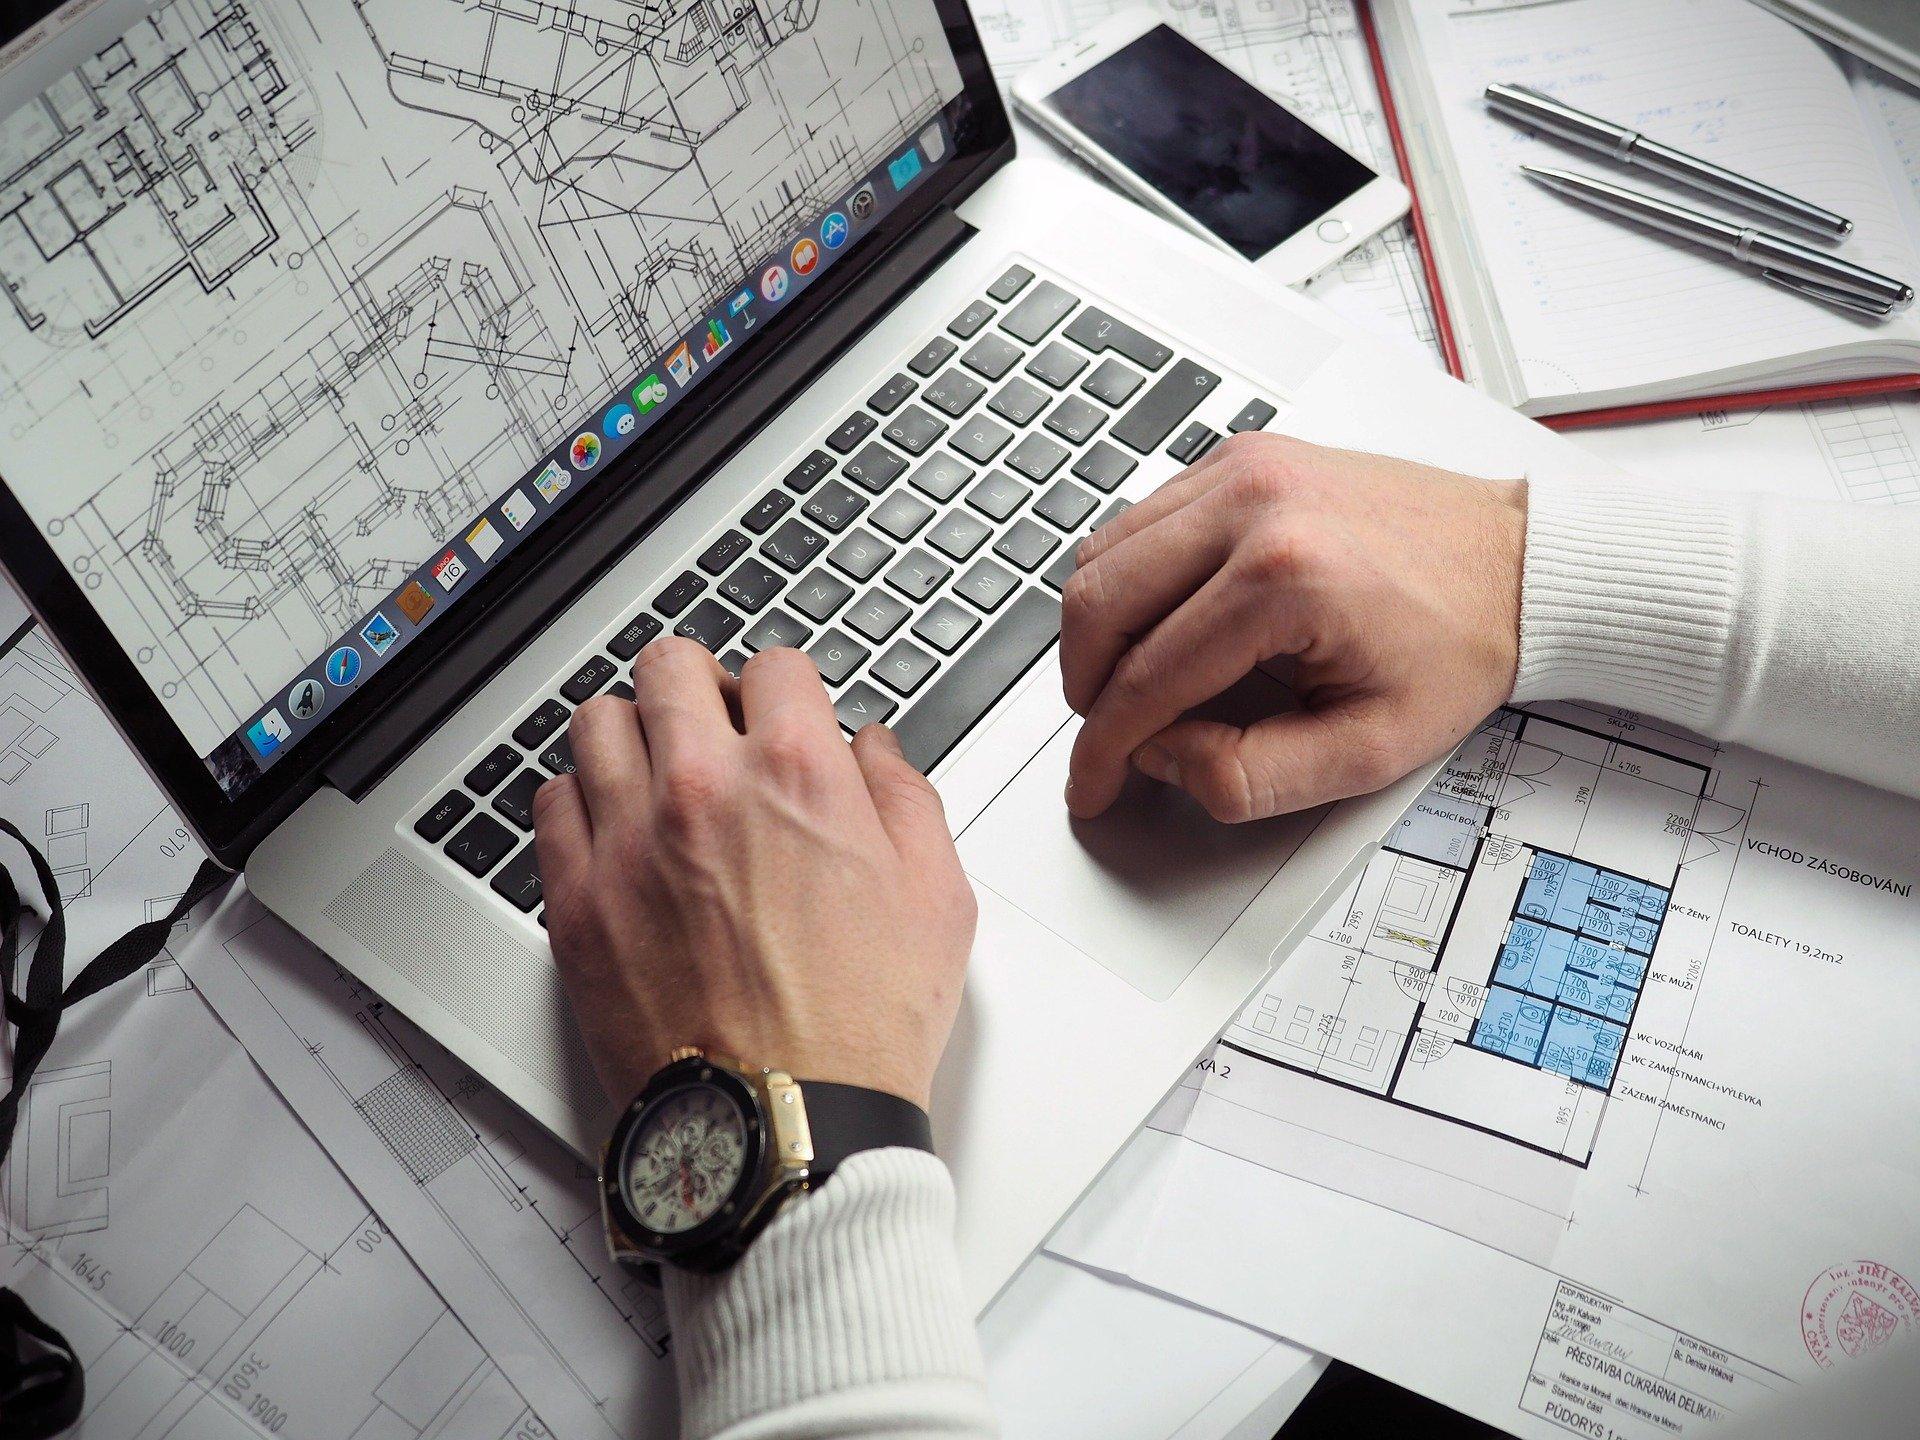 Homem trabalhando no notebook.